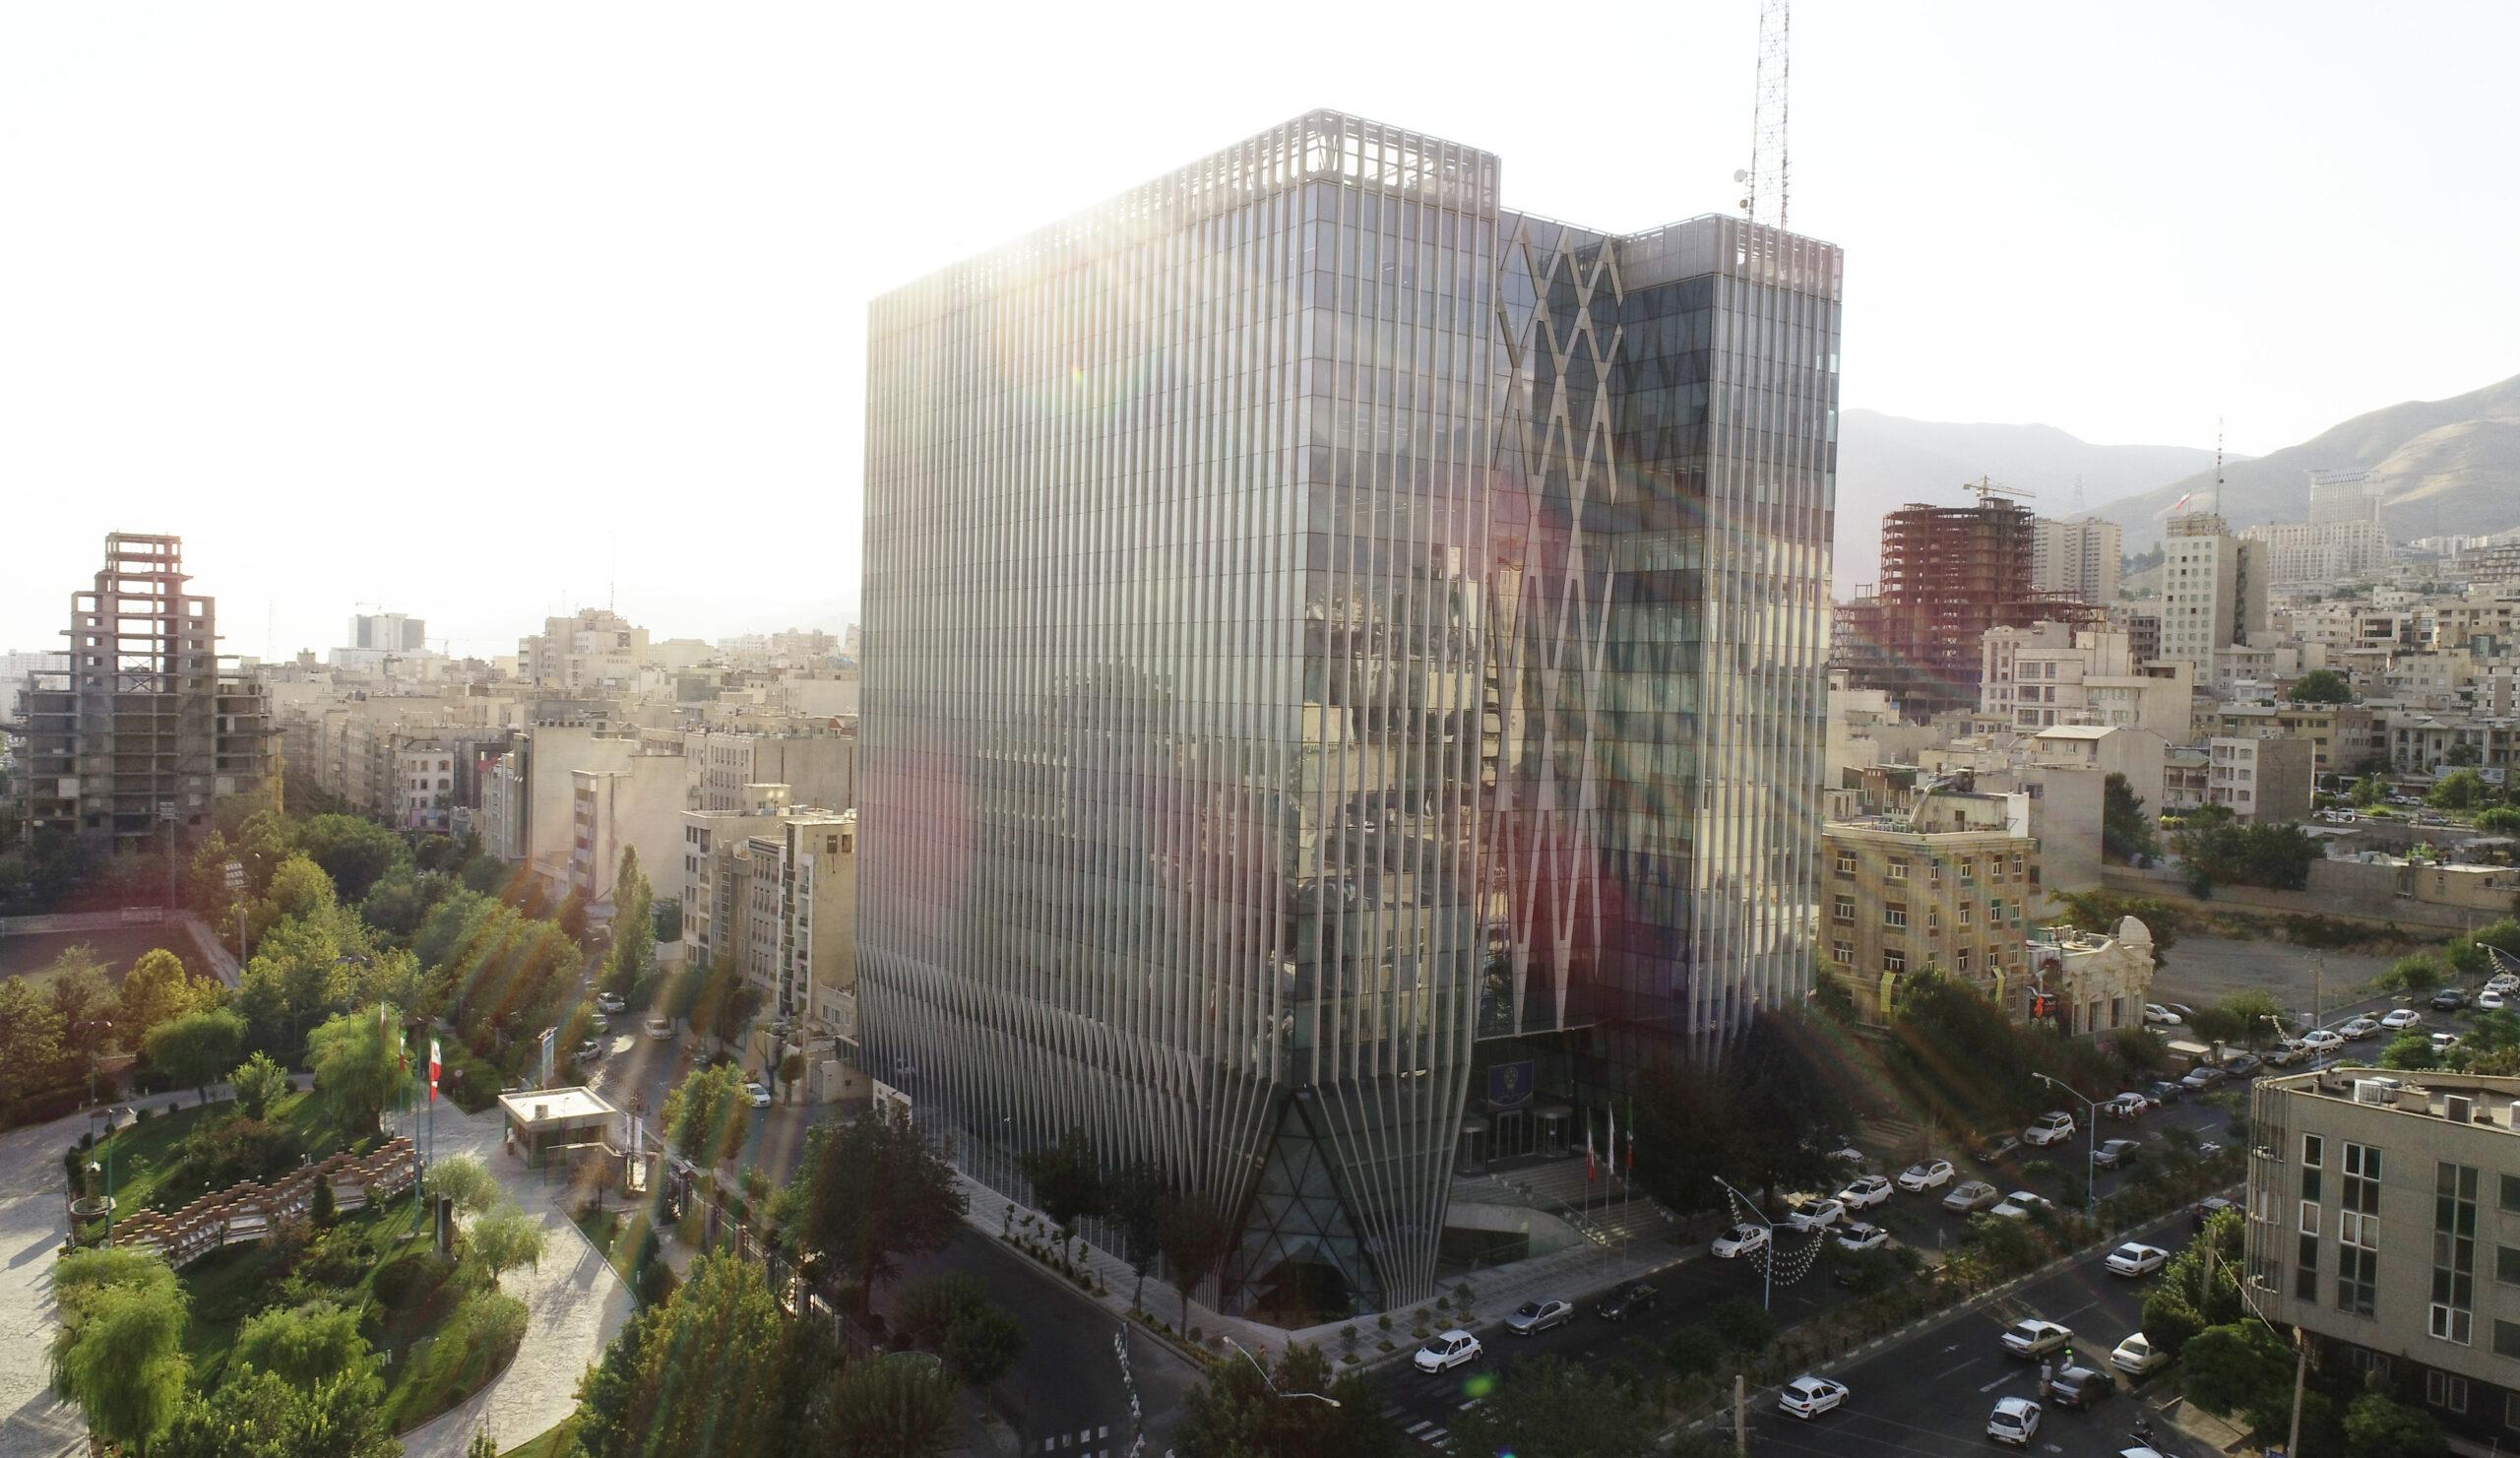 عملکرد شرکت بورس اوراق بهادار تهران در سال مالی ۱۳۹۹